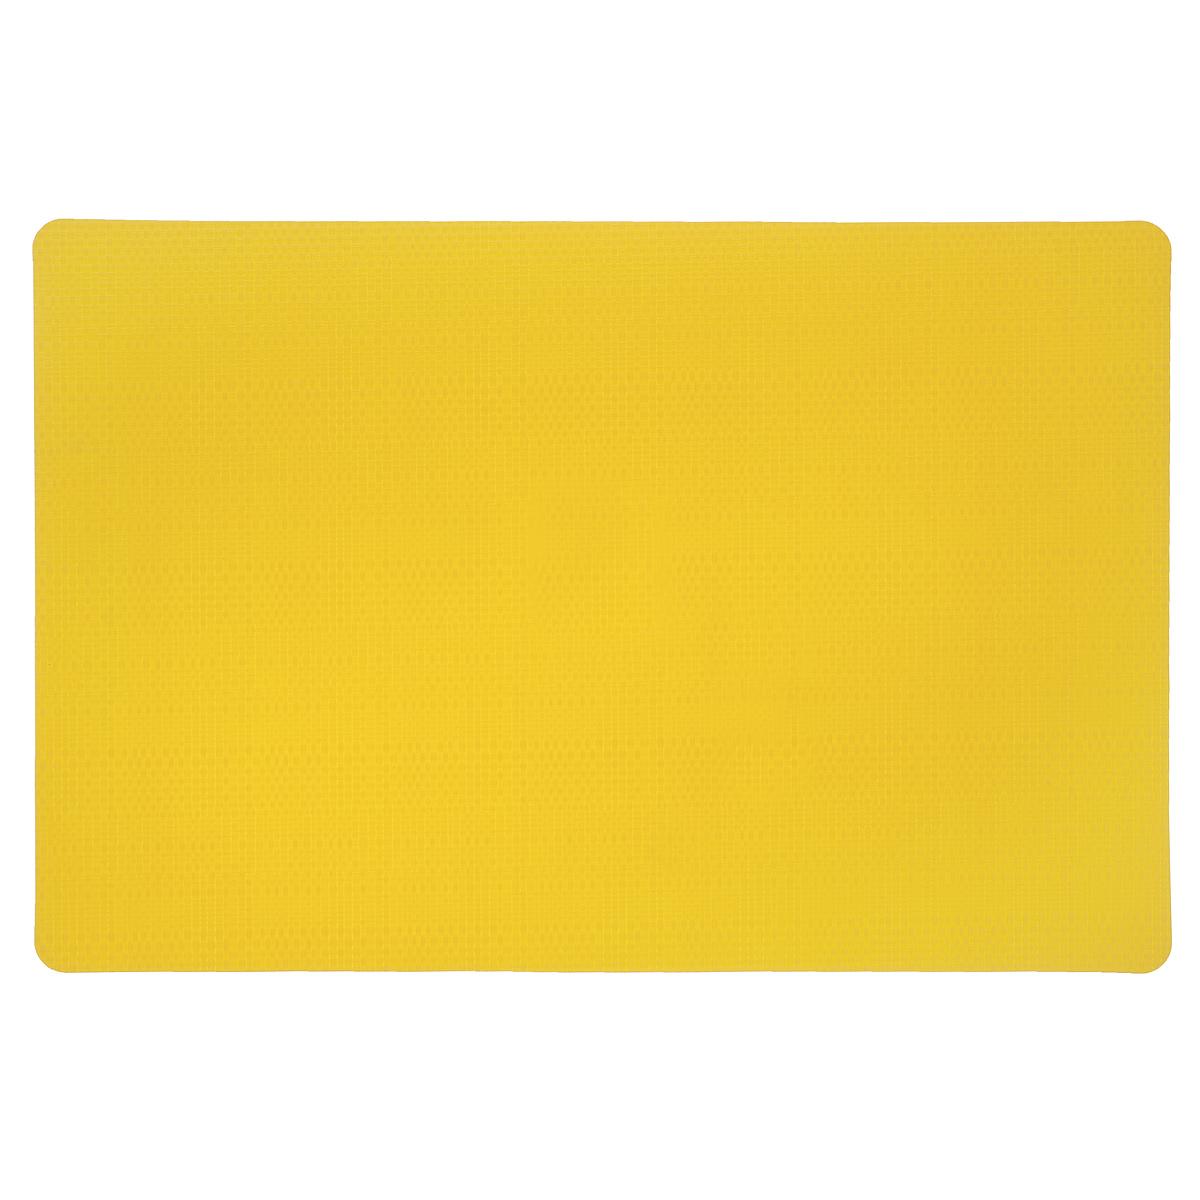 Подставка под горячее Amadeus, цвет: желтый, 43 см х 28,5 см. 28HZ-9063115510Прямоугольная подставка под горячее Amadeus выполнена из мягкого пластика с декоративной плетеной текстурой. Подставка не боится высоких температур и легко чистится от пятен и жира.Каждая хозяйка знает, что подставка под горячее - это незаменимый и очень полезный аксессуар на каждой кухне. Ваш стол будет не только украшен оригинальной подставкой, но и сбережен от воздействия высоких температур ваших кулинарных шедевров.Размер подставки: 43 см х 28,5 см.